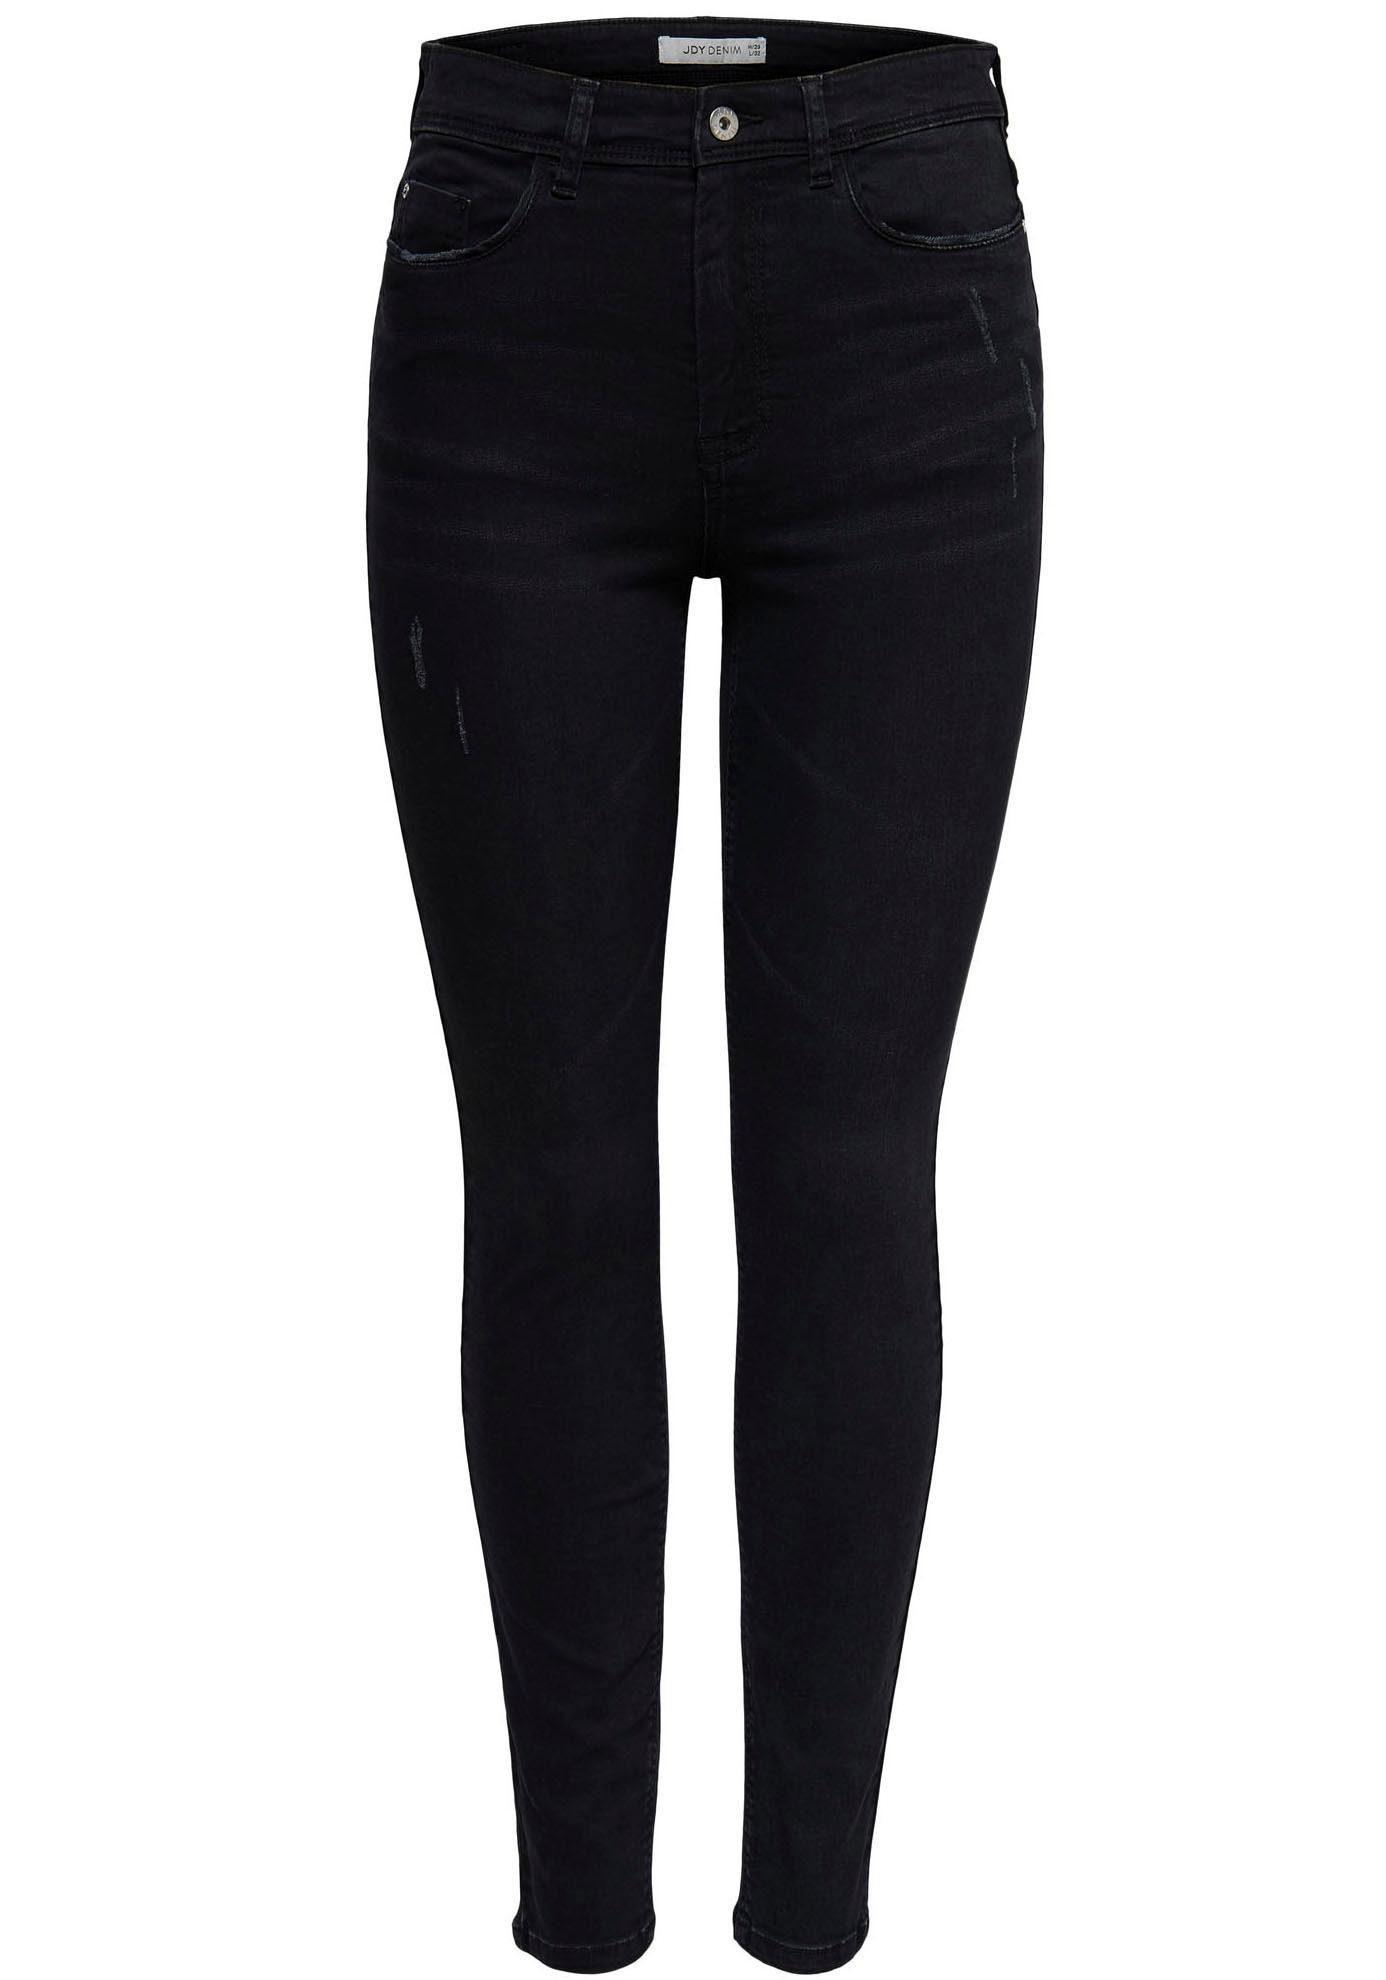 Kaufen Leichten »jdyjona« Skinny jeans De Jacqueline fit Mit Yong Destroyed effekten Online 0yw8nOmNPv